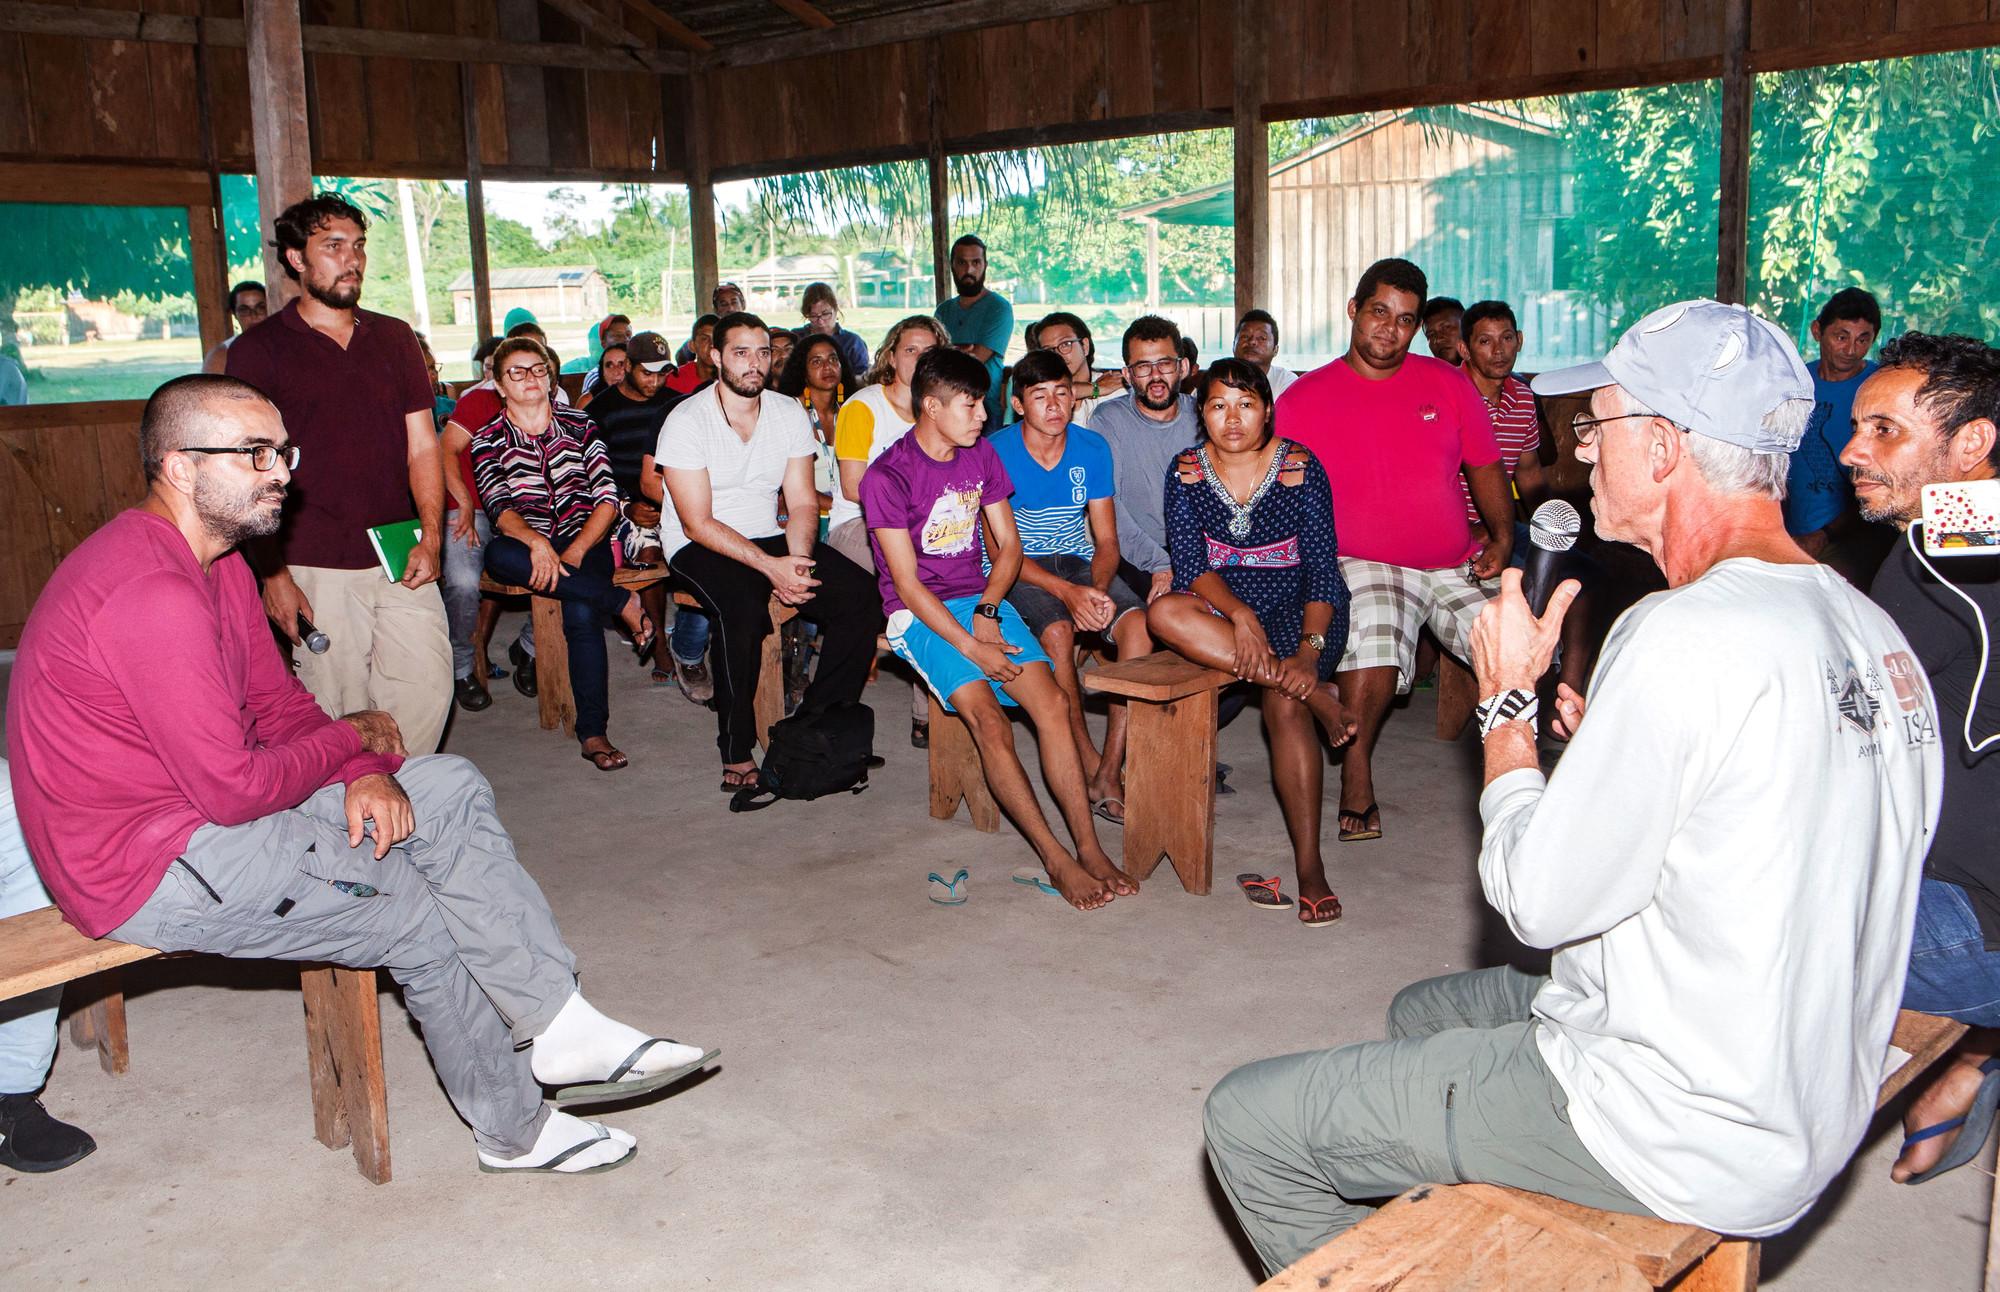 Dois homens sentados em um banco de madeira, um com um microfone nas mãos, estão de frente para um grande grupo de pessoas que os ouvem com atenção.